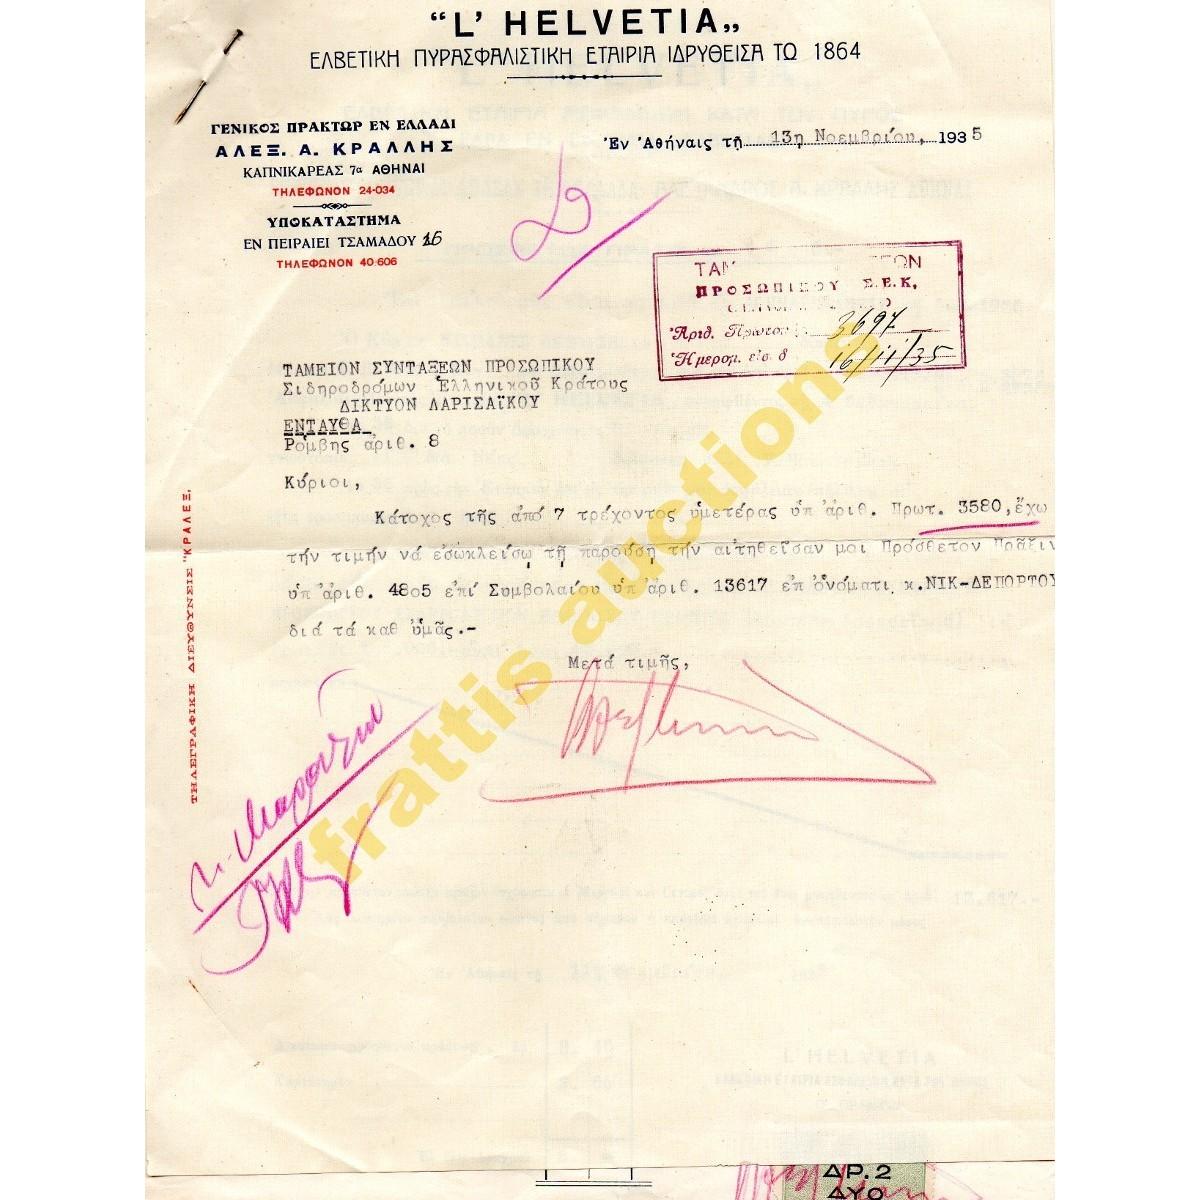 """""""L' HELVETIA"""",  επιστολή και πρόσθετος πράξις 1935."""